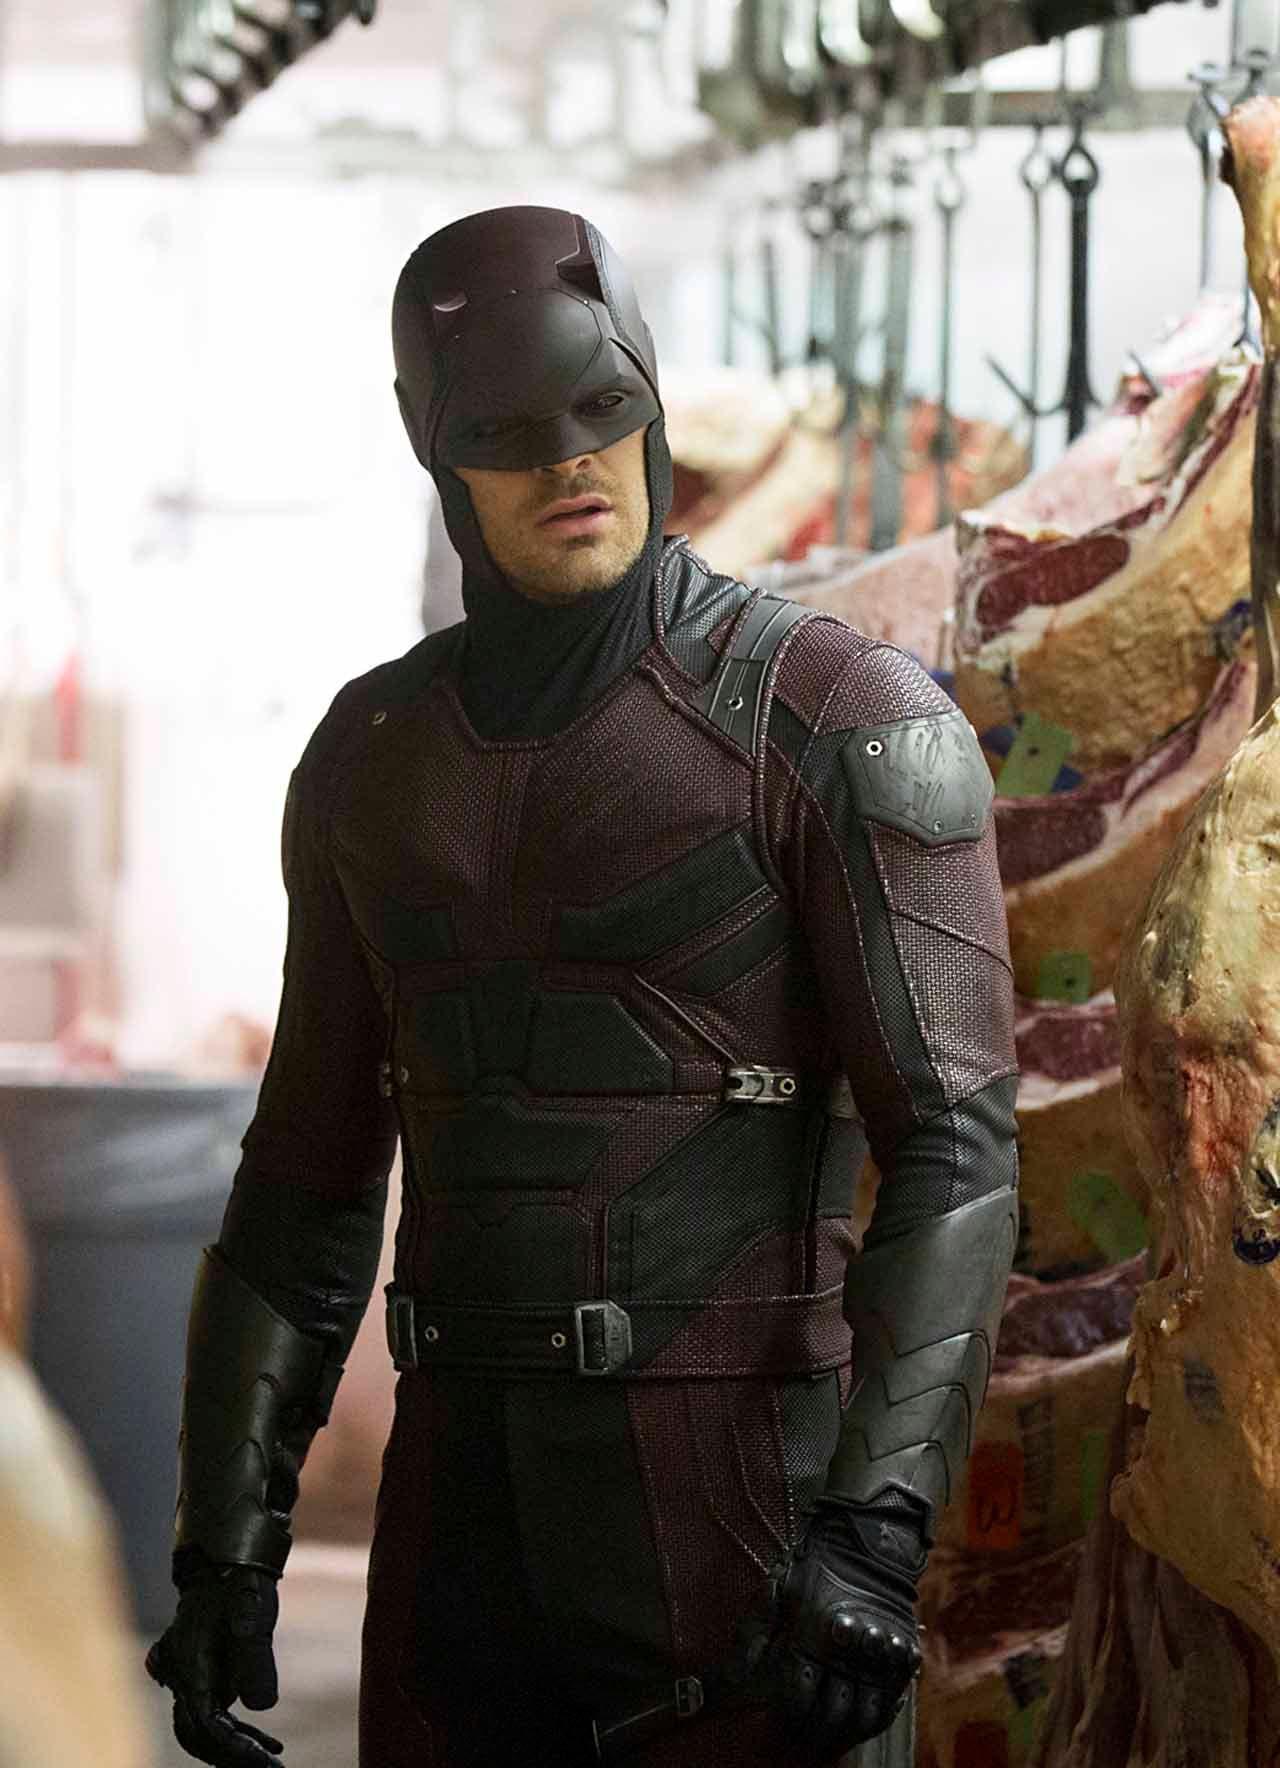 Marvel's Daredevil season 2 Marvel